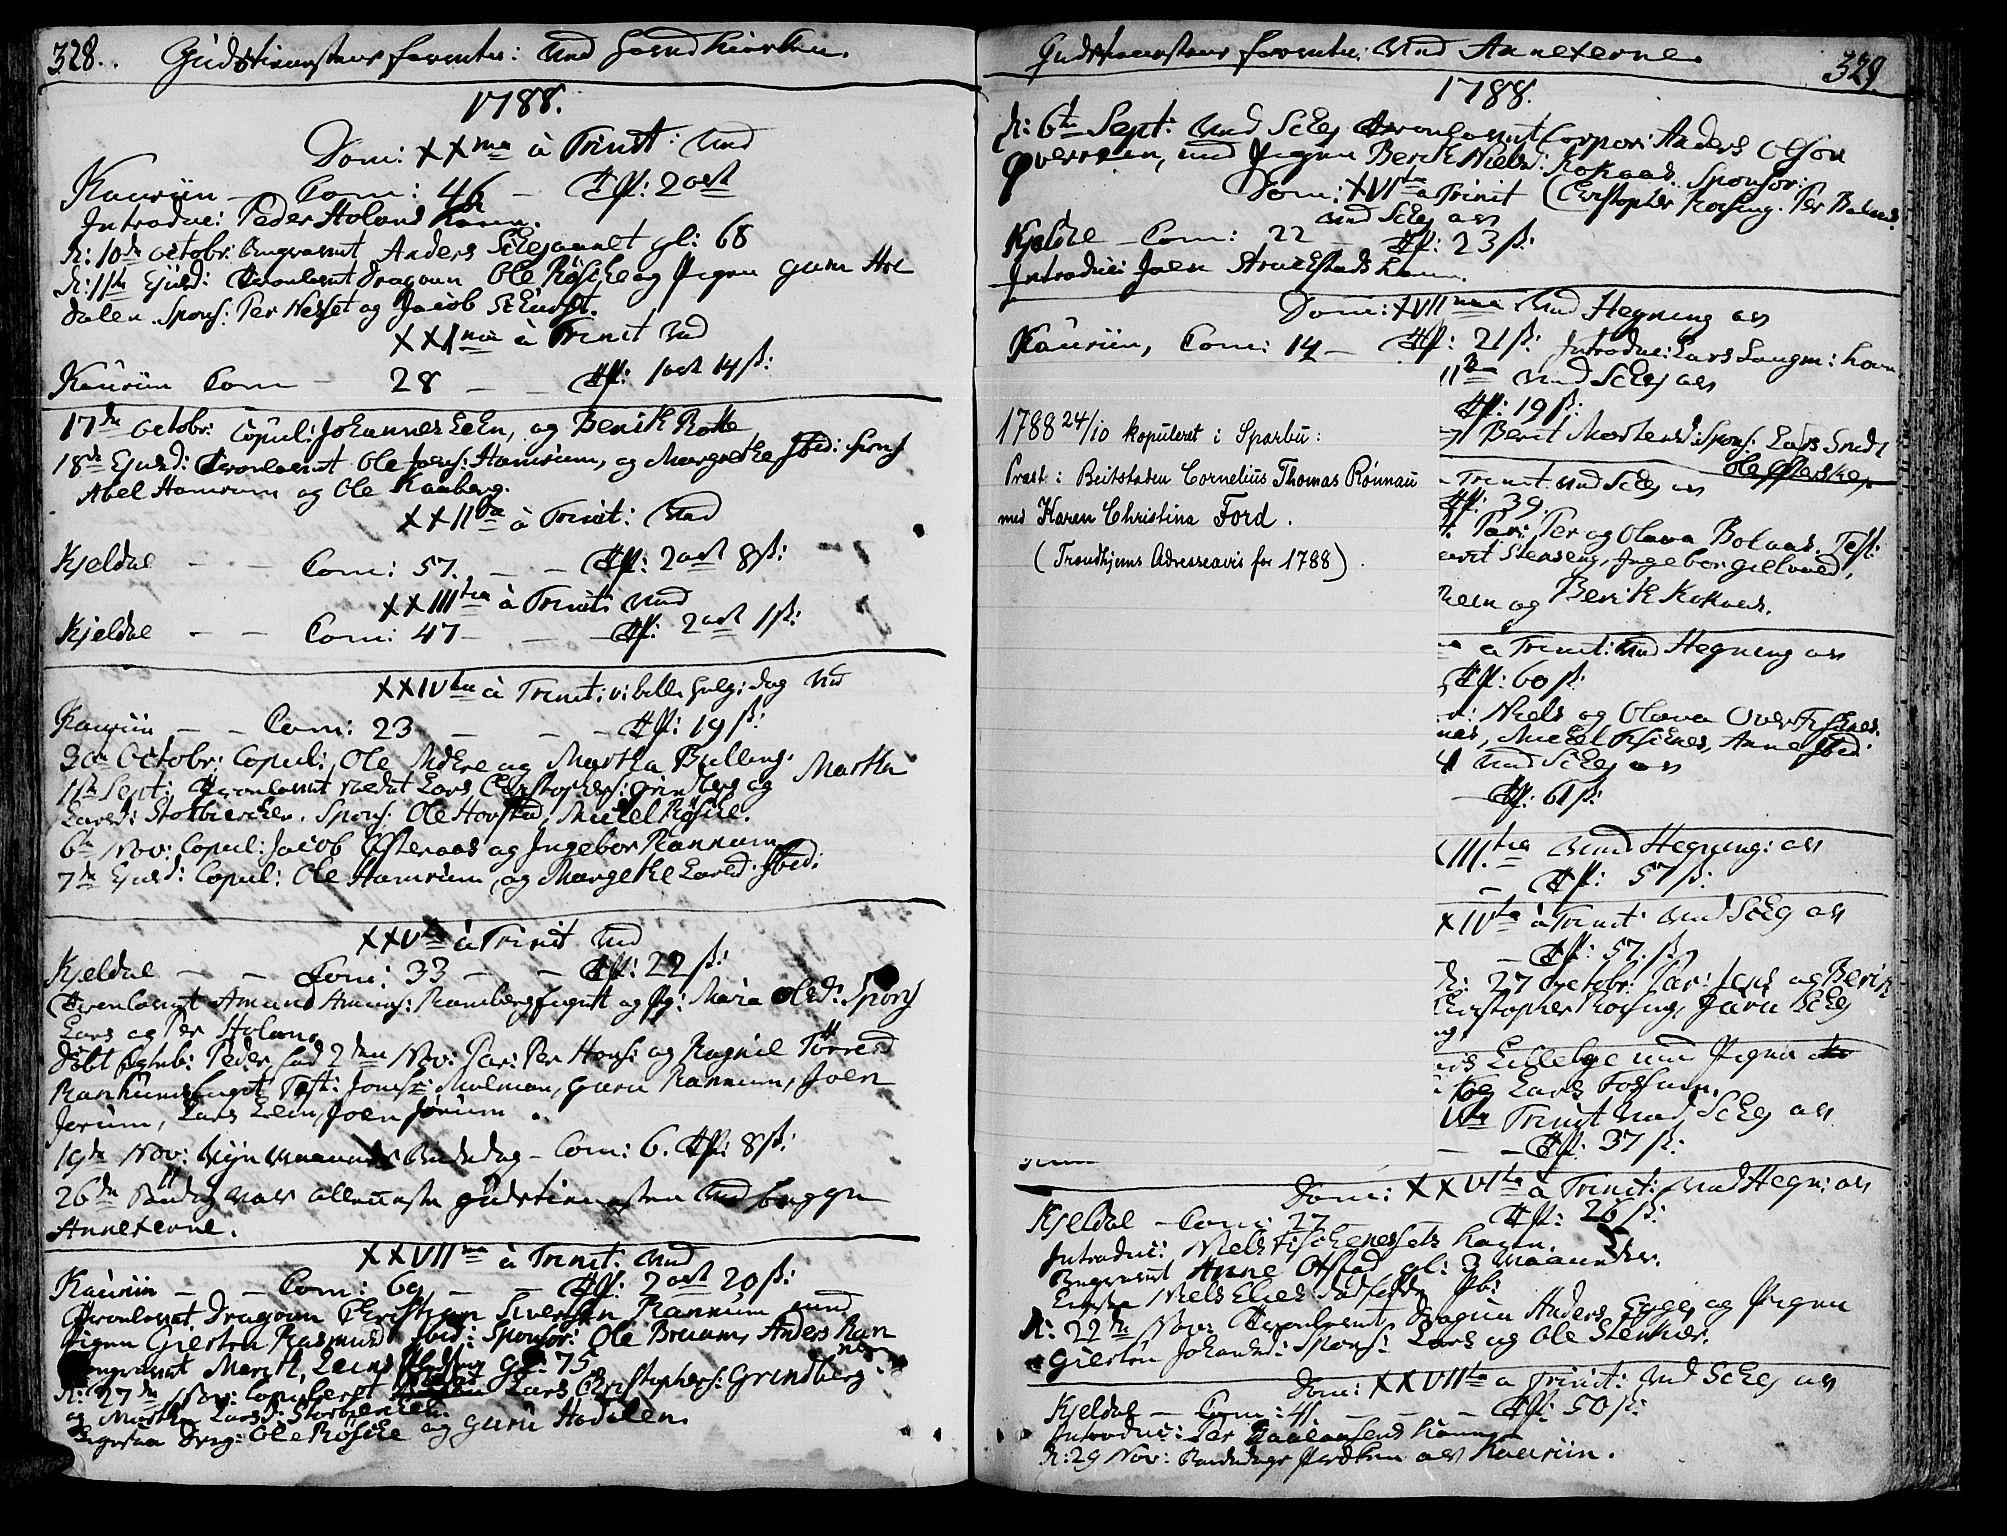 SAT, Ministerialprotokoller, klokkerbøker og fødselsregistre - Nord-Trøndelag, 735/L0331: Ministerialbok nr. 735A02, 1762-1794, s. 328-329